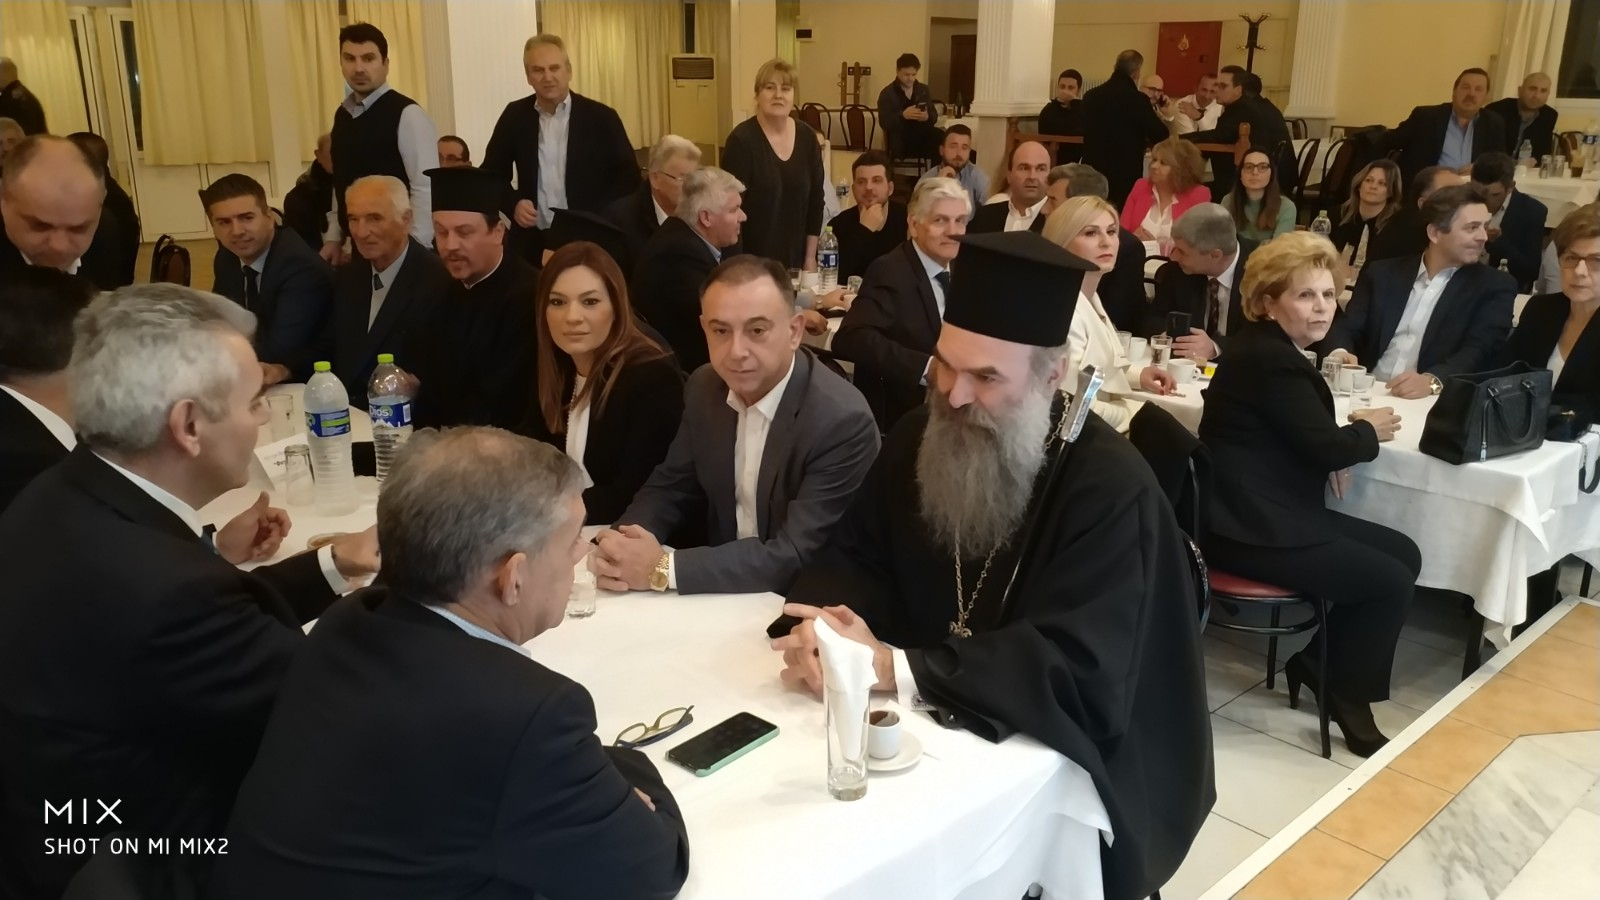 Κέλλας: «Στηρίζουμε τους Έλληνες παραγωγούς - Διορθώνουμε αδικίες της κυβέρνησης ΣΥΡΙΖΑ»